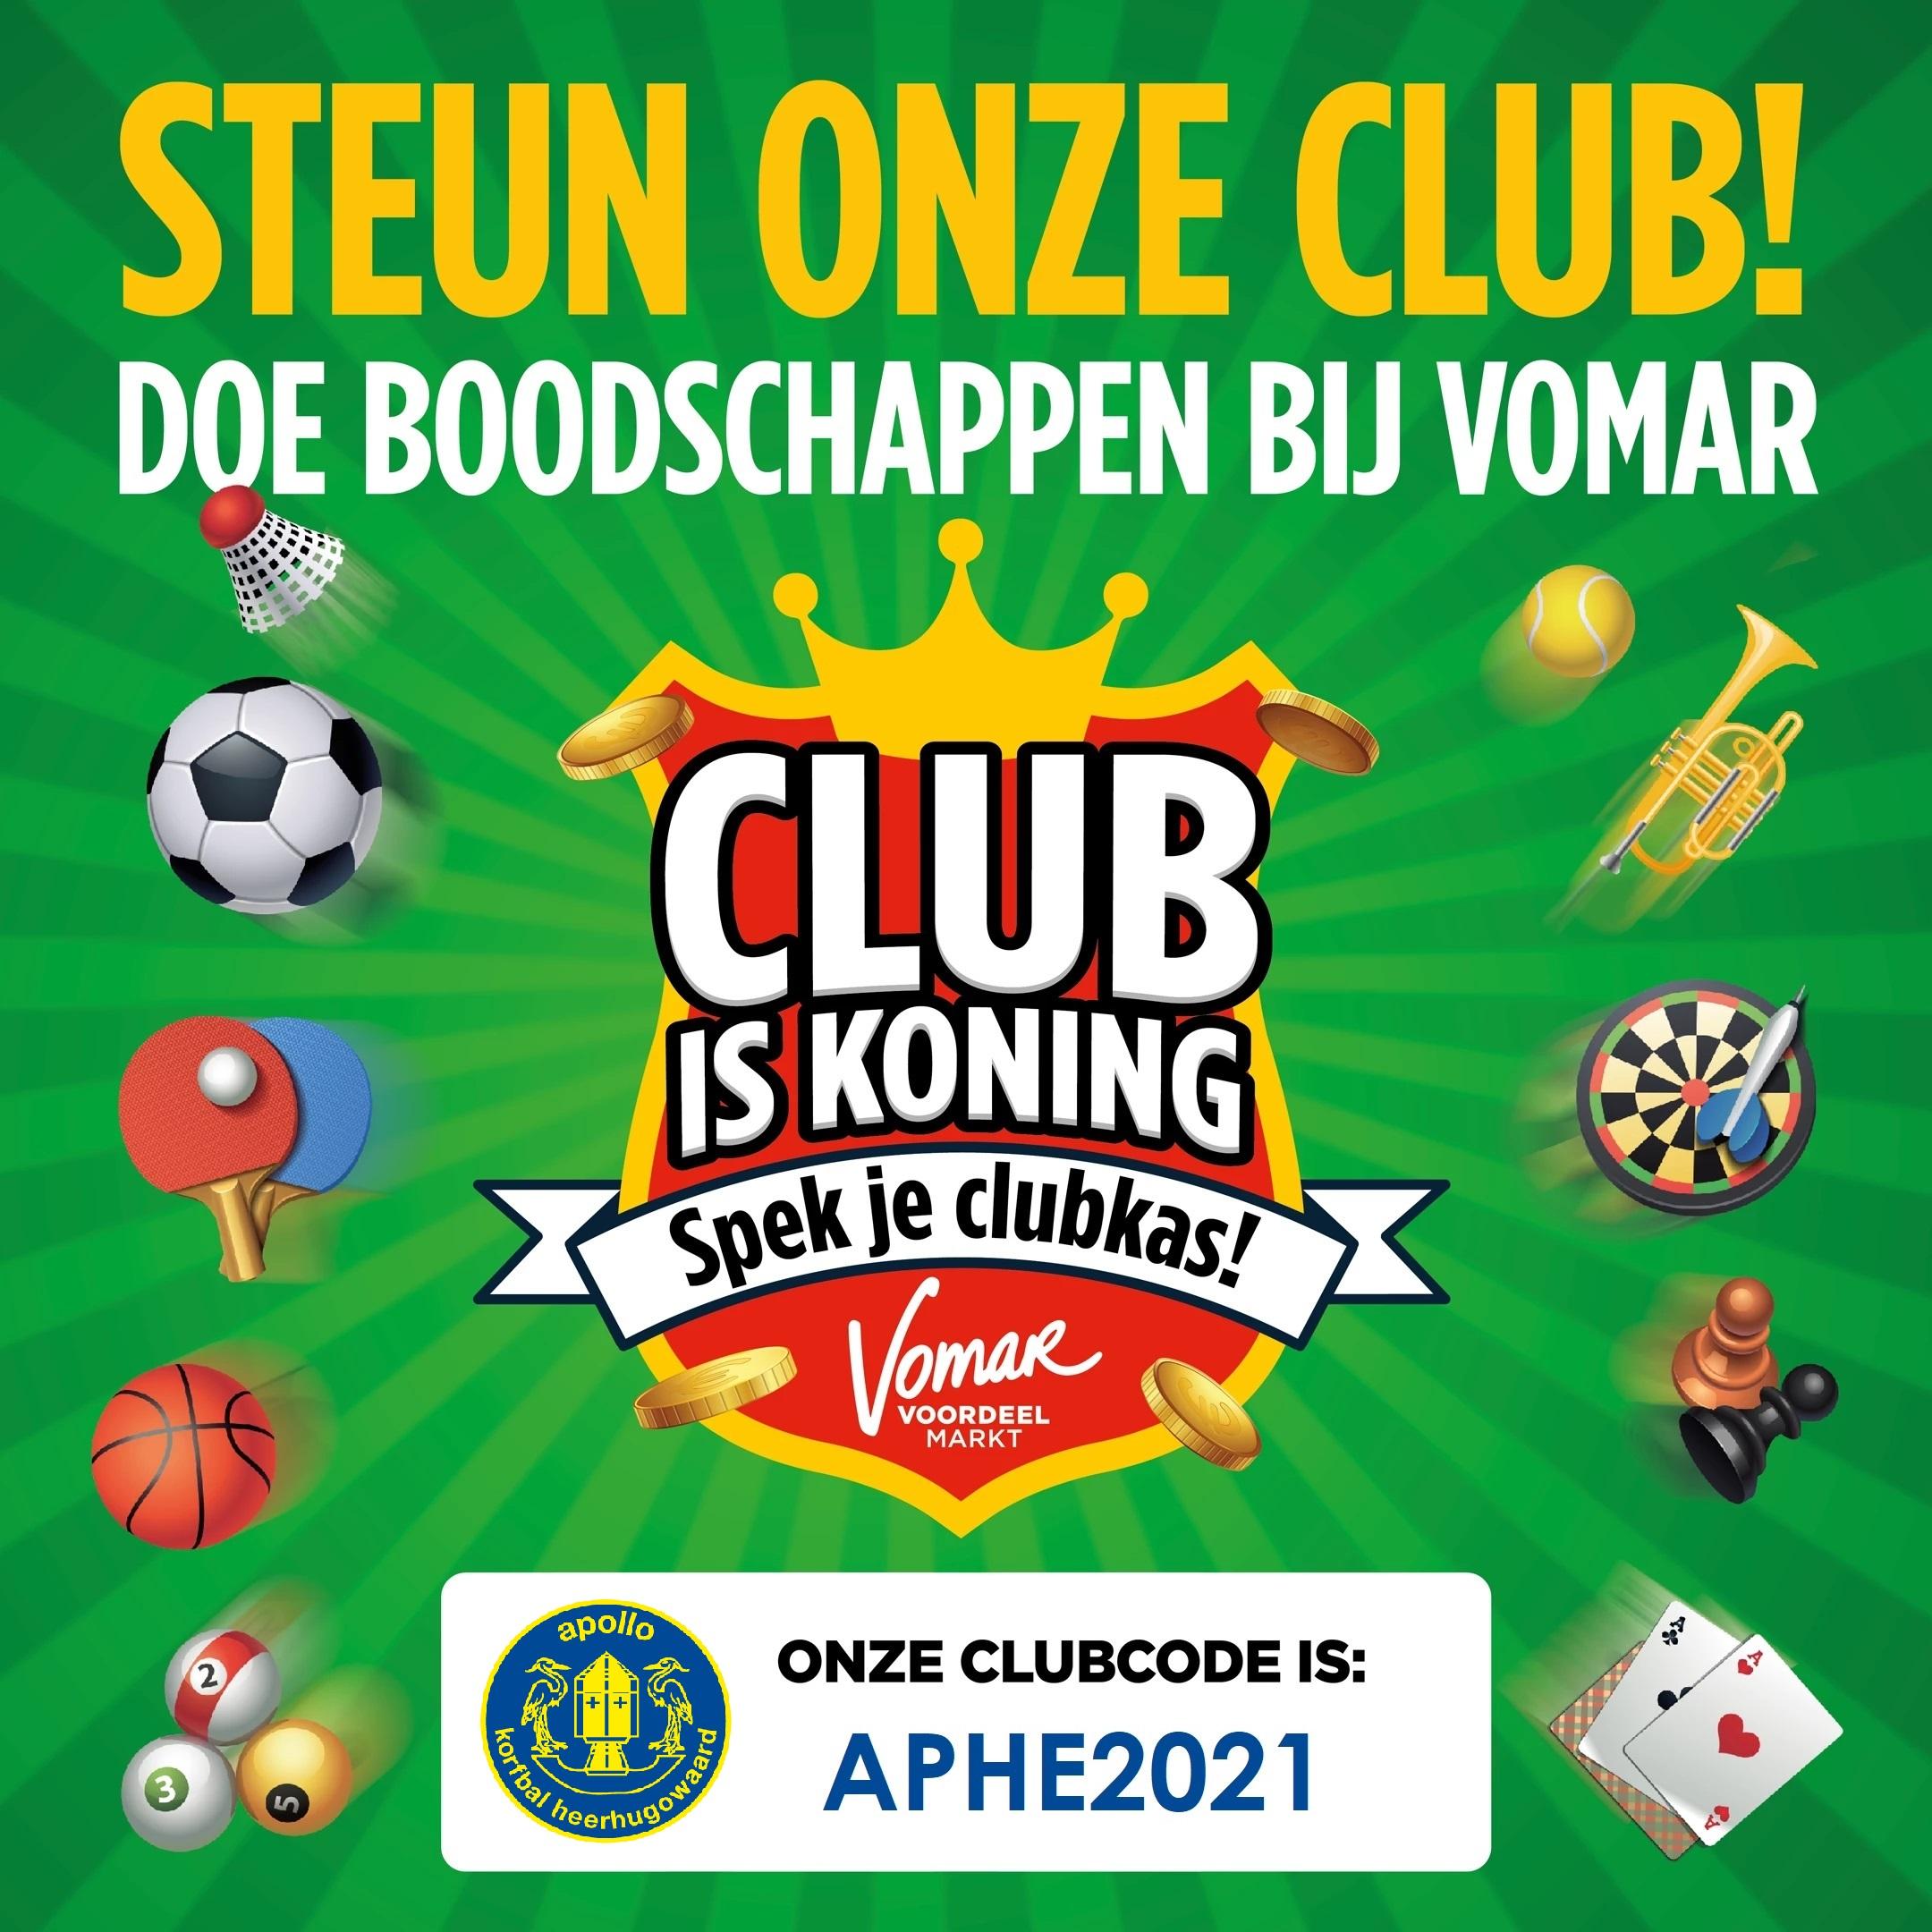 Spek de clubkas met Club is Koning sparen van Vomar!